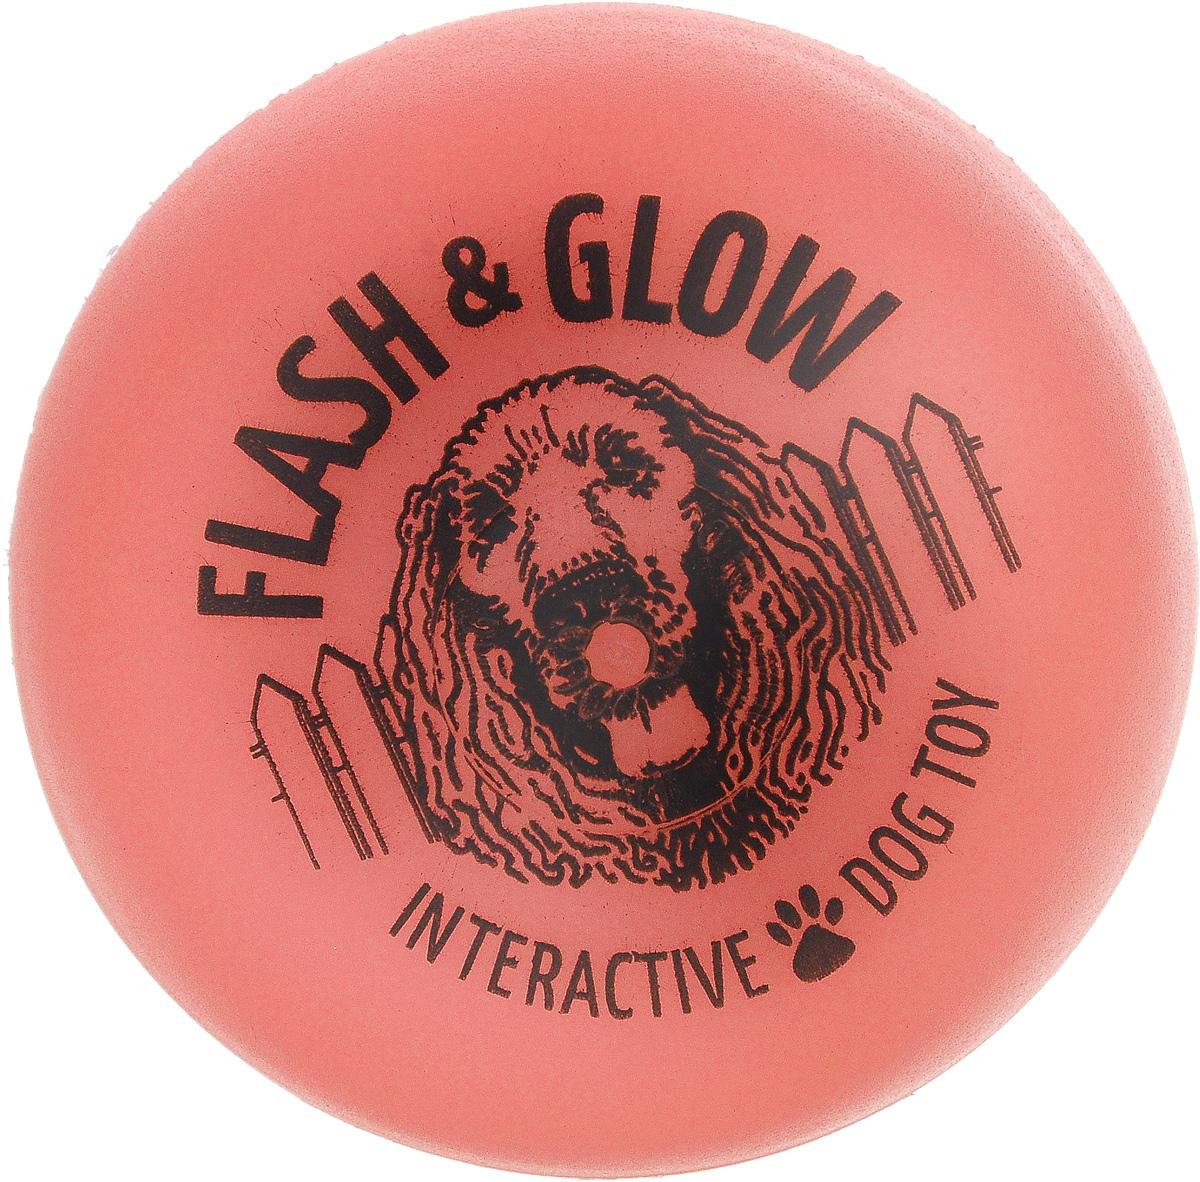 Мяч светящийся AmericanDogToys Flash & Glow, цвет: коралловый, диаметр 6,5 см6053_коралловыйСветящийся мяч AmericanDogToys Flash & Glow, изготовленный из пластика, порадует вашего питомца. Изделие очень прочное, отличается устойчивостью к разгрызанию и долгим сроком службы. Мячик начинает мигать красным огнем при ударе и светится в темноте. Кроме того, изделие не тонет на воде и замечательно подходит для игр как дома, так и на открытом воздухе. Такая игрушка порадует вашего любимца, а вам доставит массу приятных эмоций, ведь наблюдать за игрой всегда интересно и приятно. Диаметр: 6,5 см.